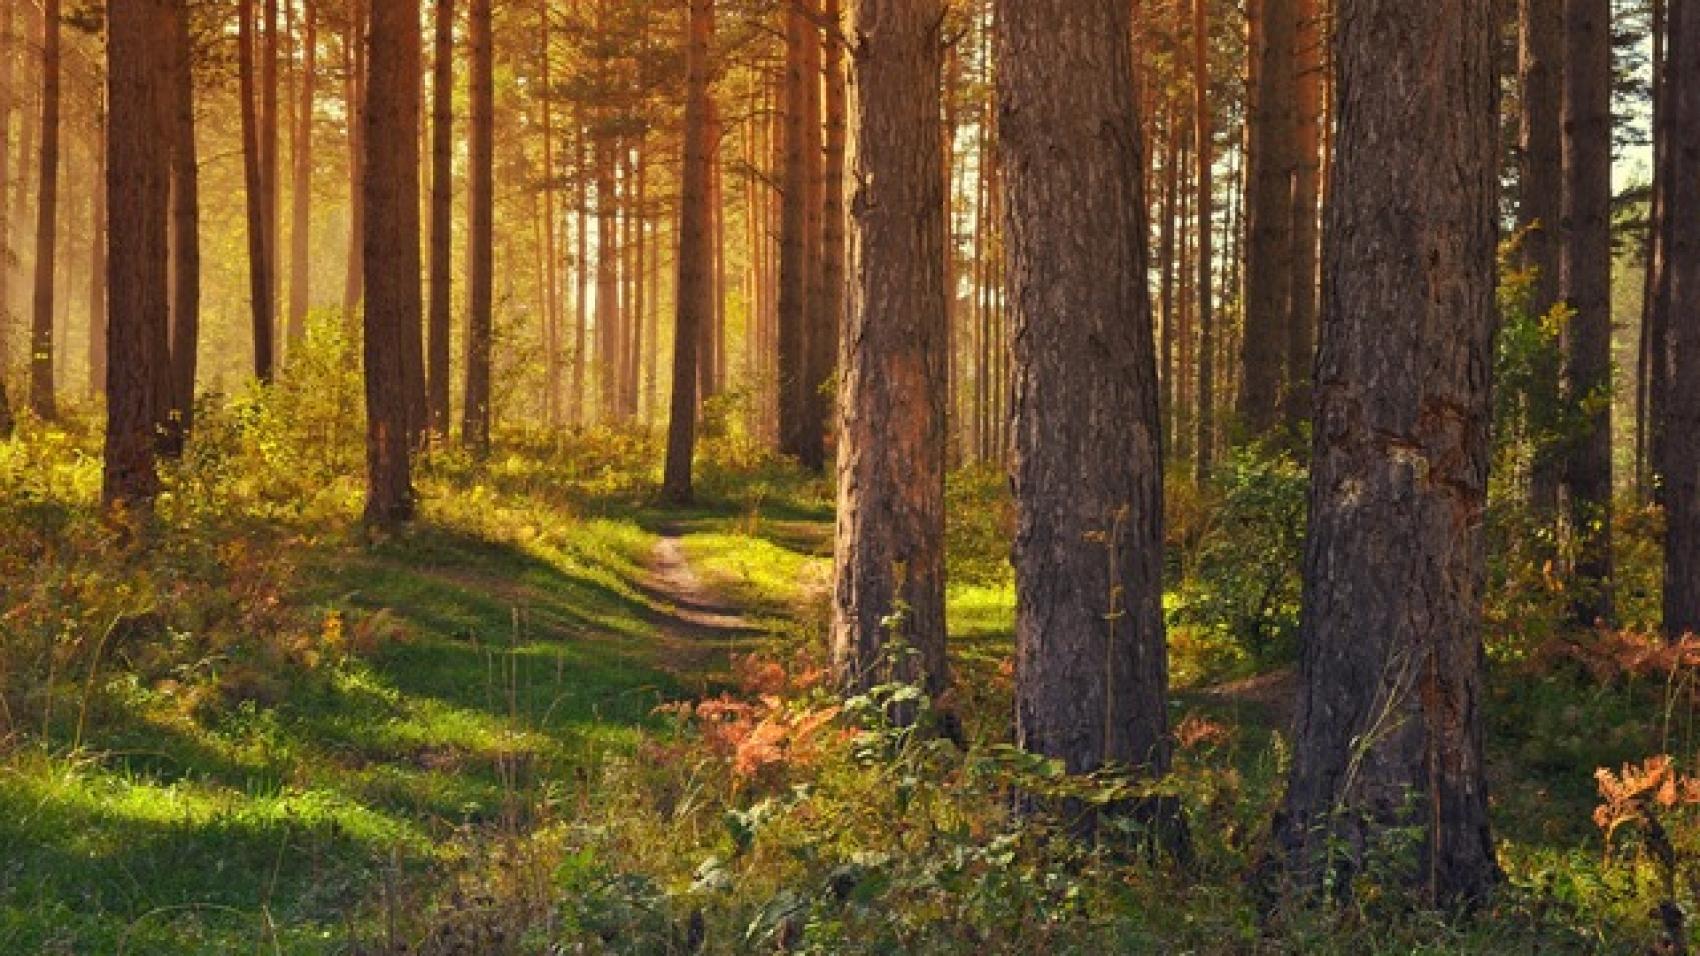 Forest-Pixabay